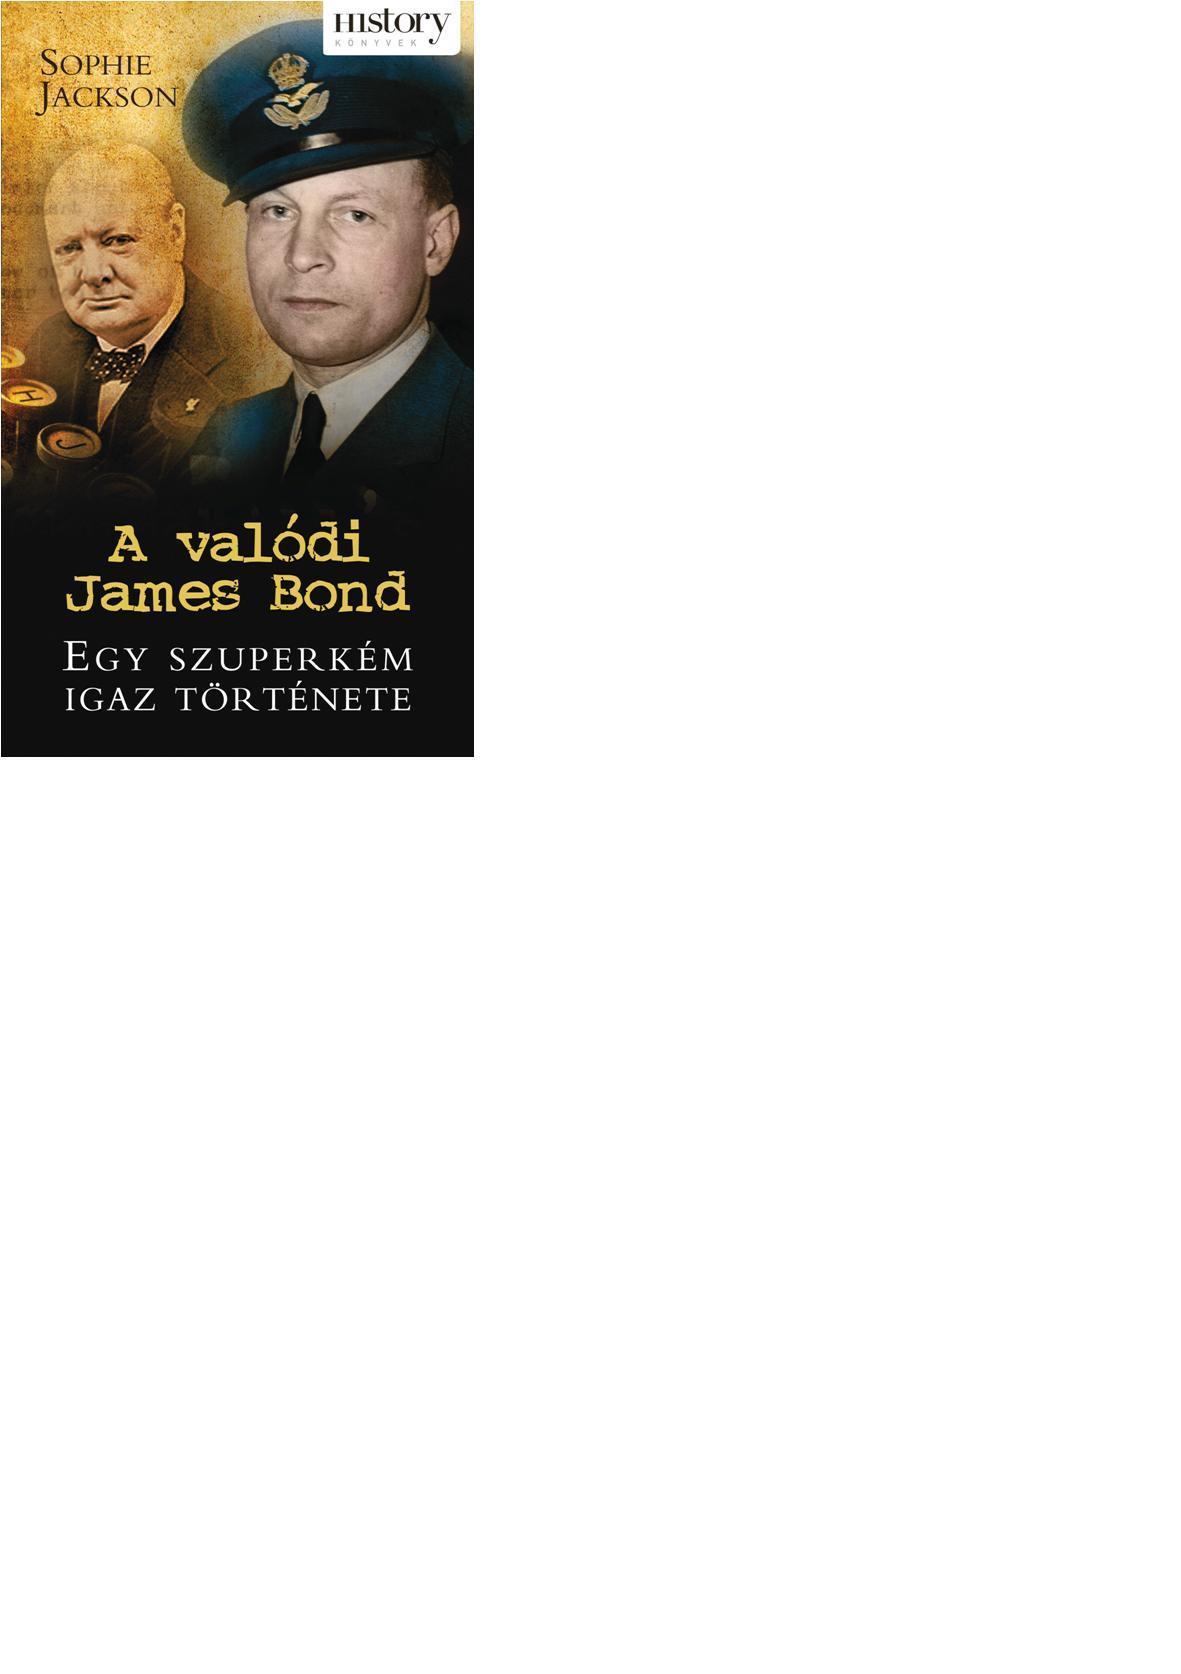 A VALÓDI JAMES BOND - EGY SZUPERKÉM IGAZ TÖRTÉNETE